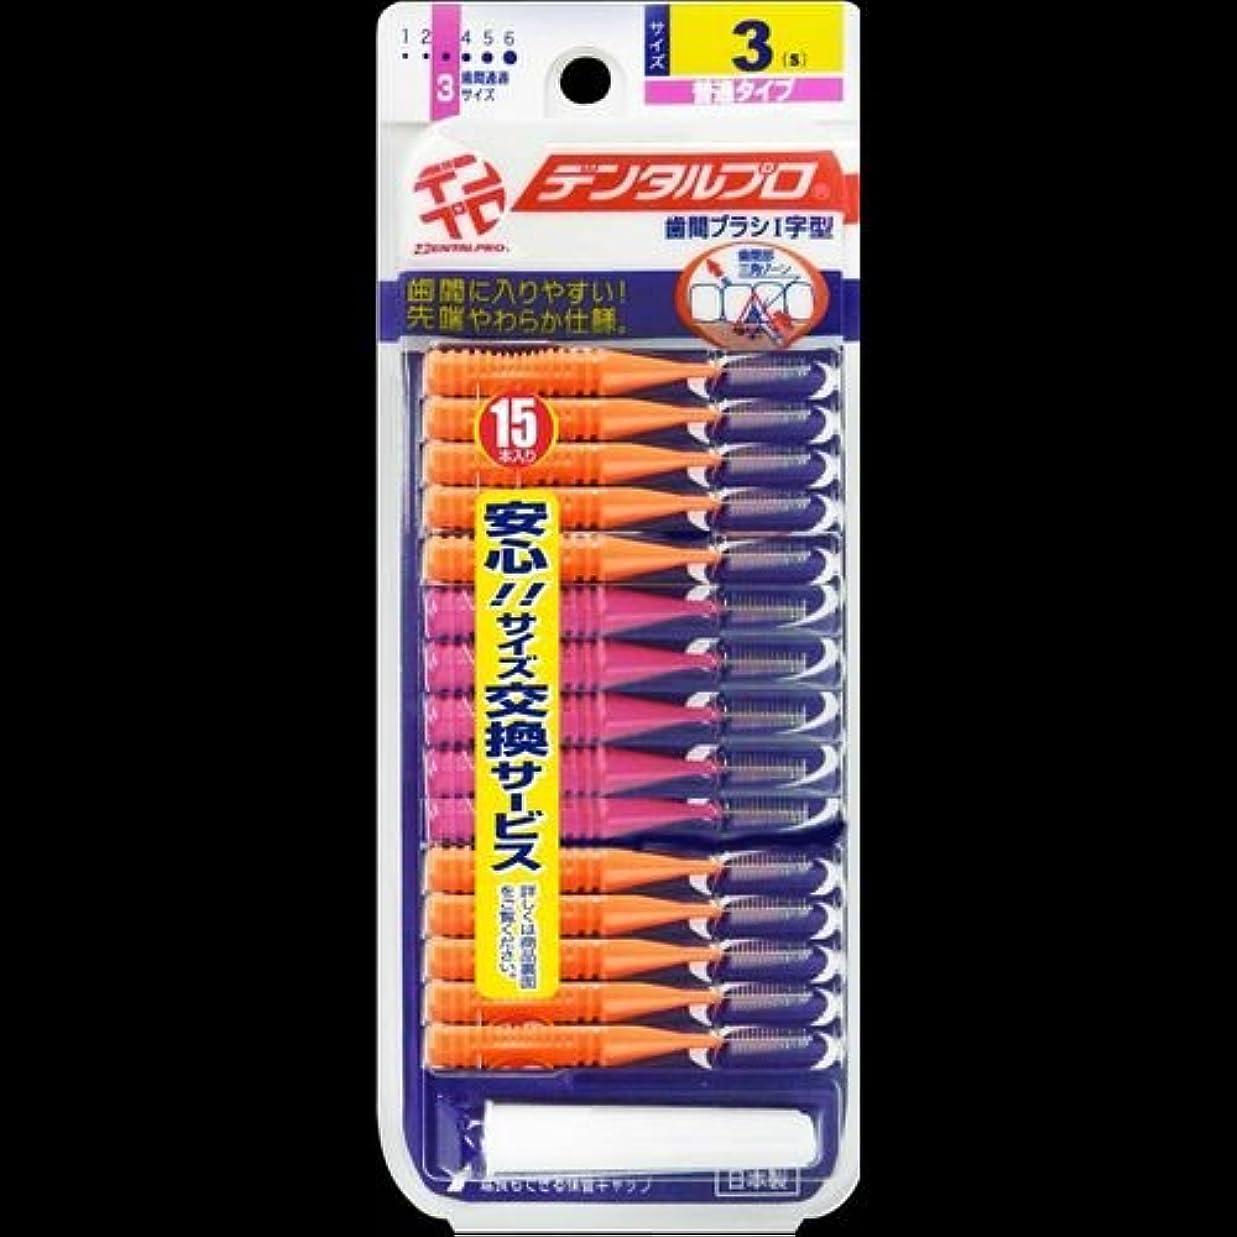 仲介者血雷雨デンタルプロ 歯間ブラシ サイズ3S 15本入り ×2セット